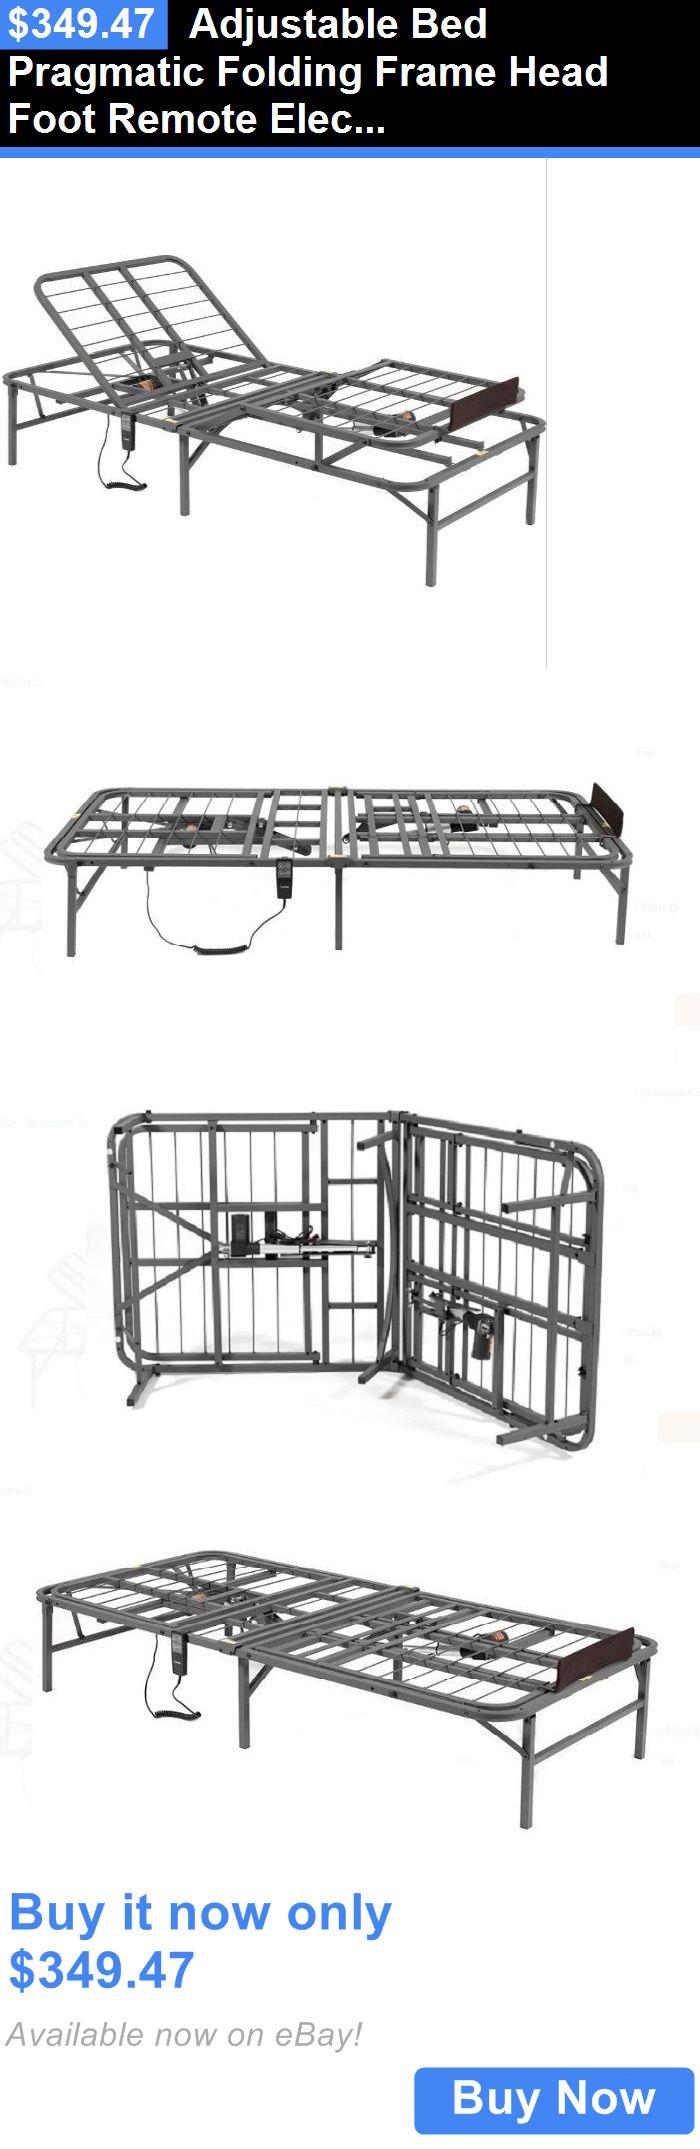 Adjustable Bed Frame Head Only : Viac ne n?padov oadjustable beds na e postele